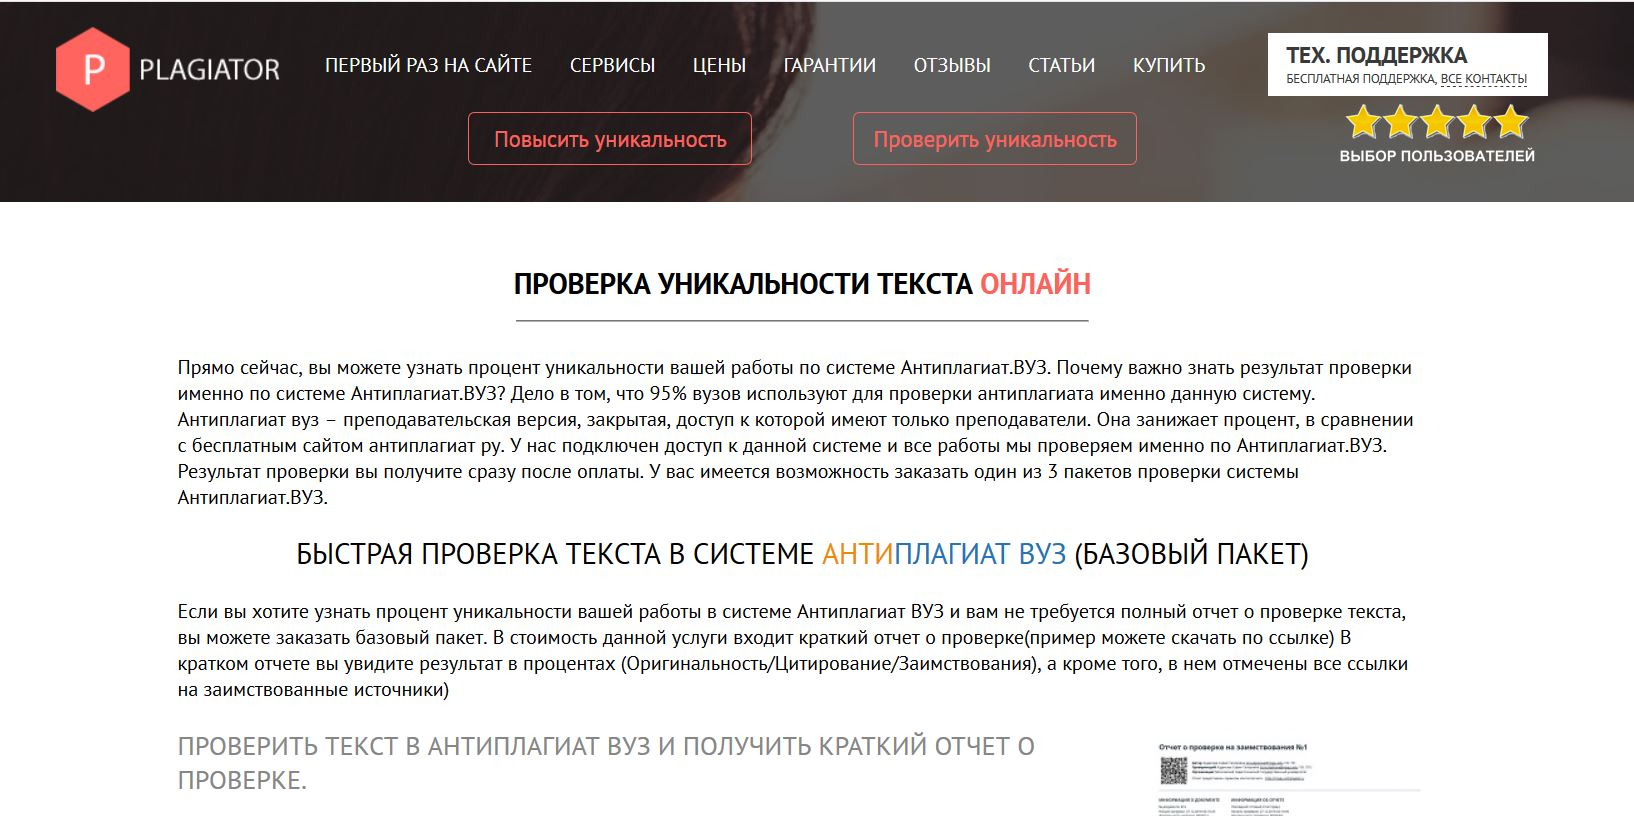 проверка диплома на плагиат онлайн